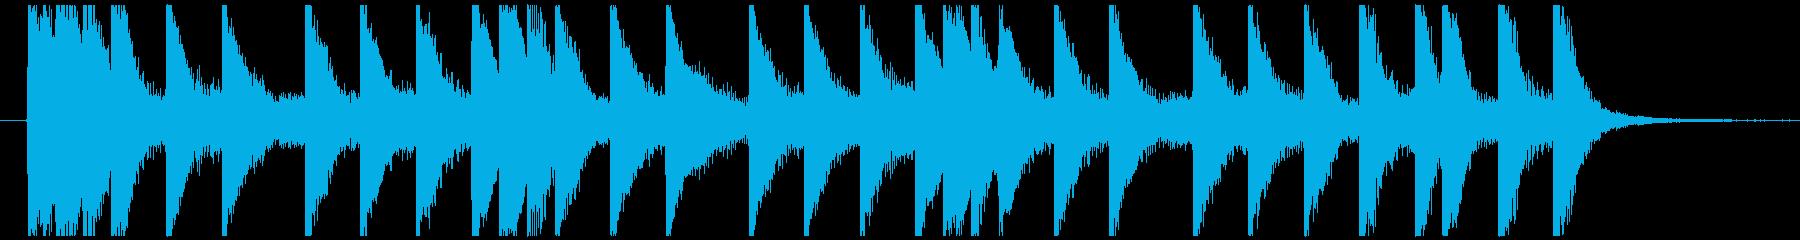 マリンバによるボップなジングル・キャッチの再生済みの波形